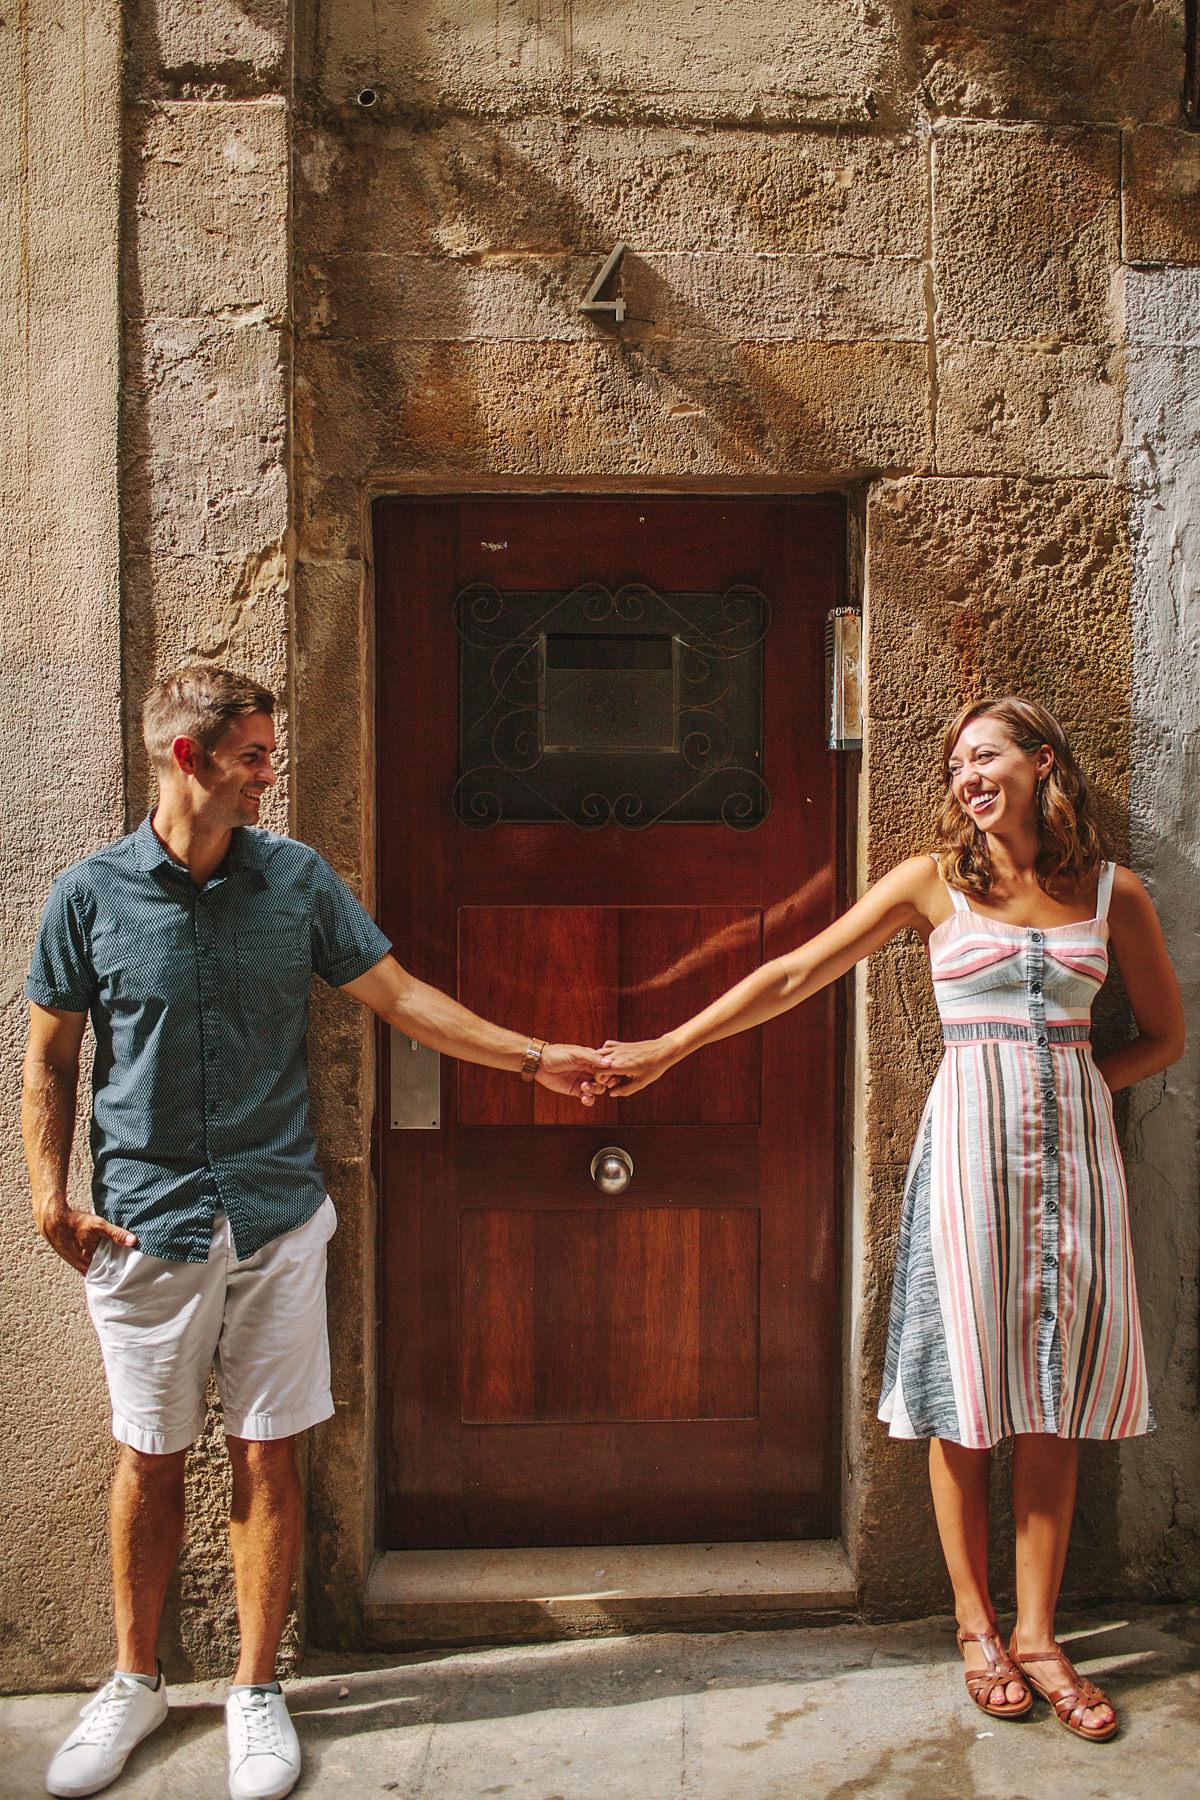 Pareja de pie cogidas de la mano frente a una puerta en la calle